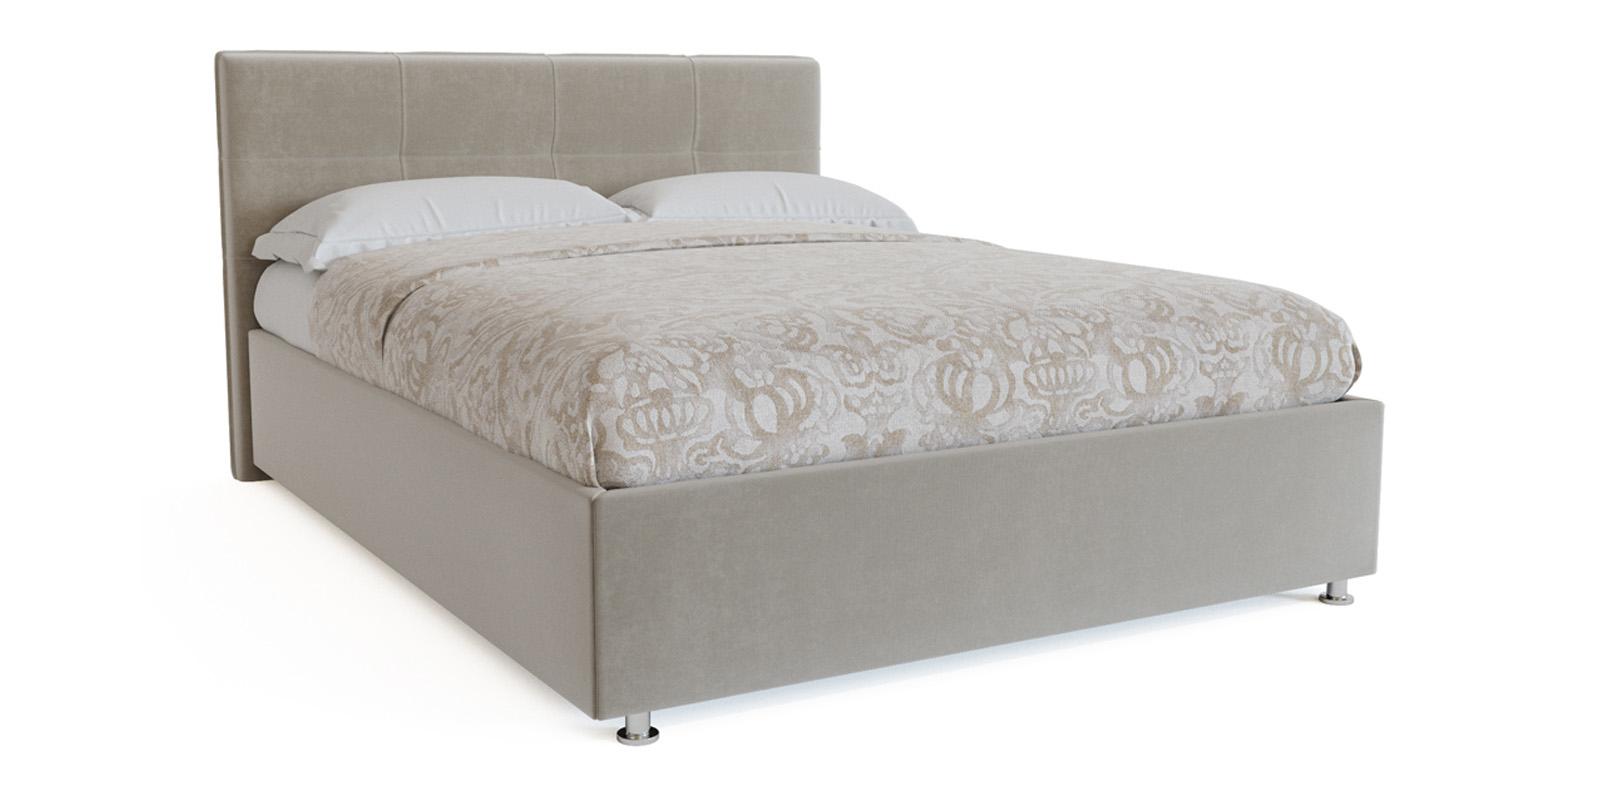 Мягкая кровать 200х180 Неаполь с подъемным механизмом (Светло-серый)